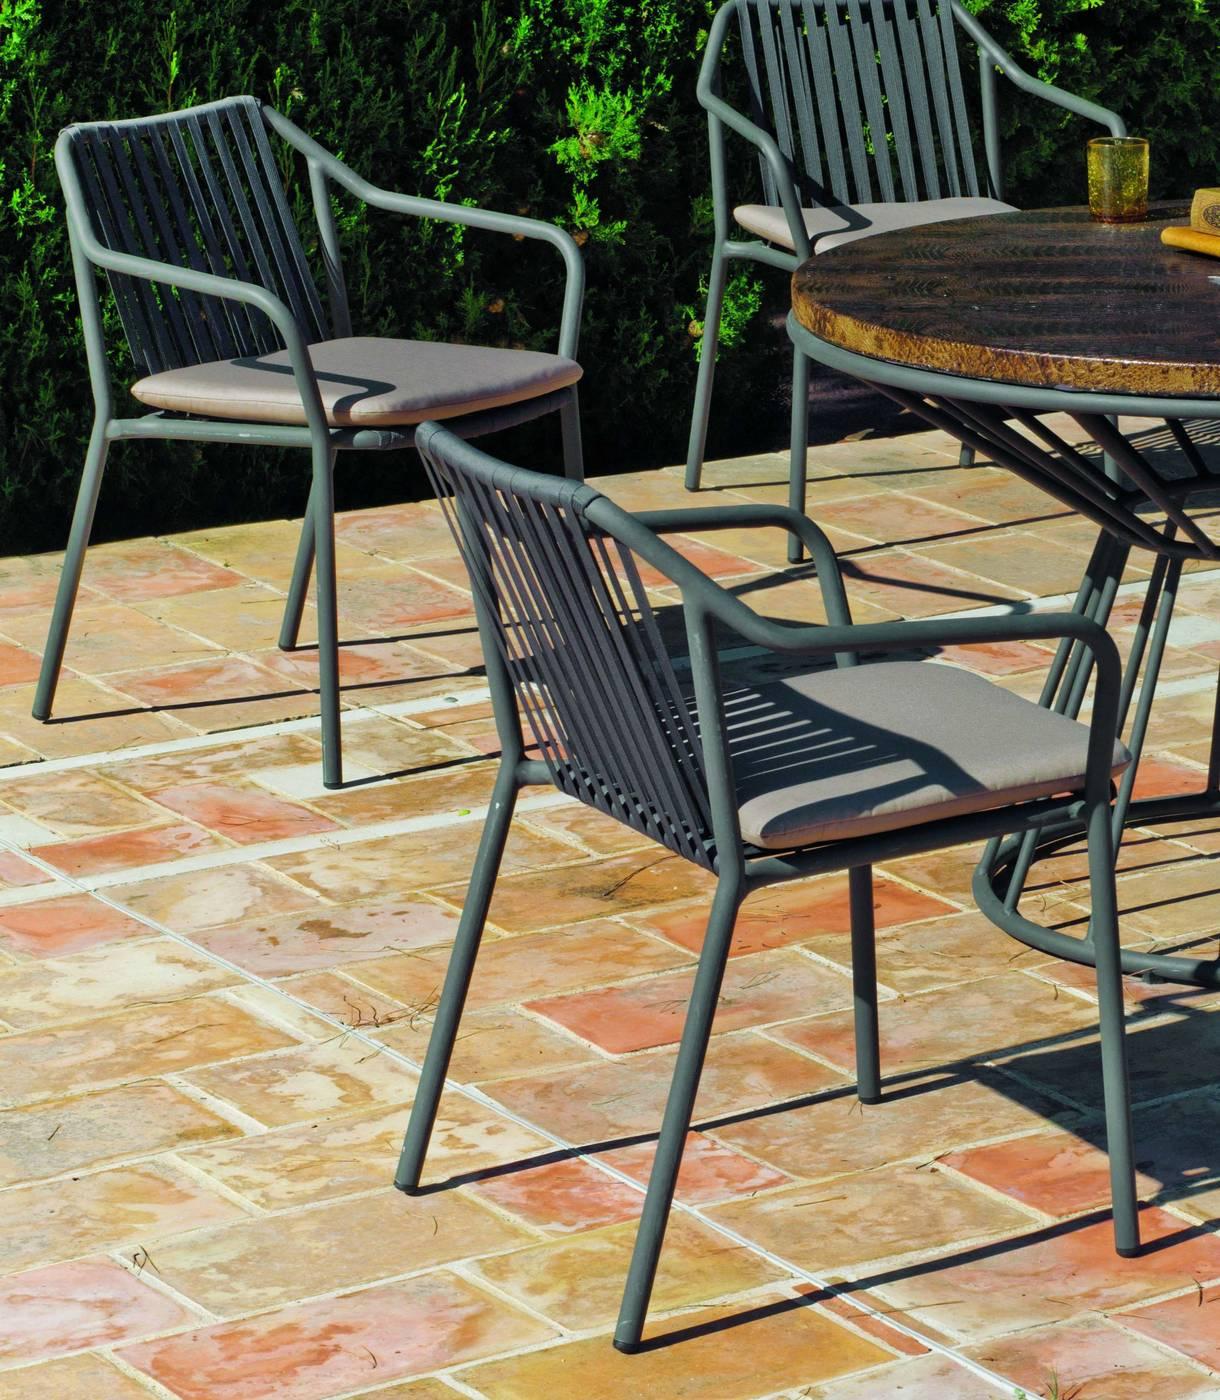 Sillón Aluminio Lux Michigan-20 de Hevea « Terraza/Jardín ...